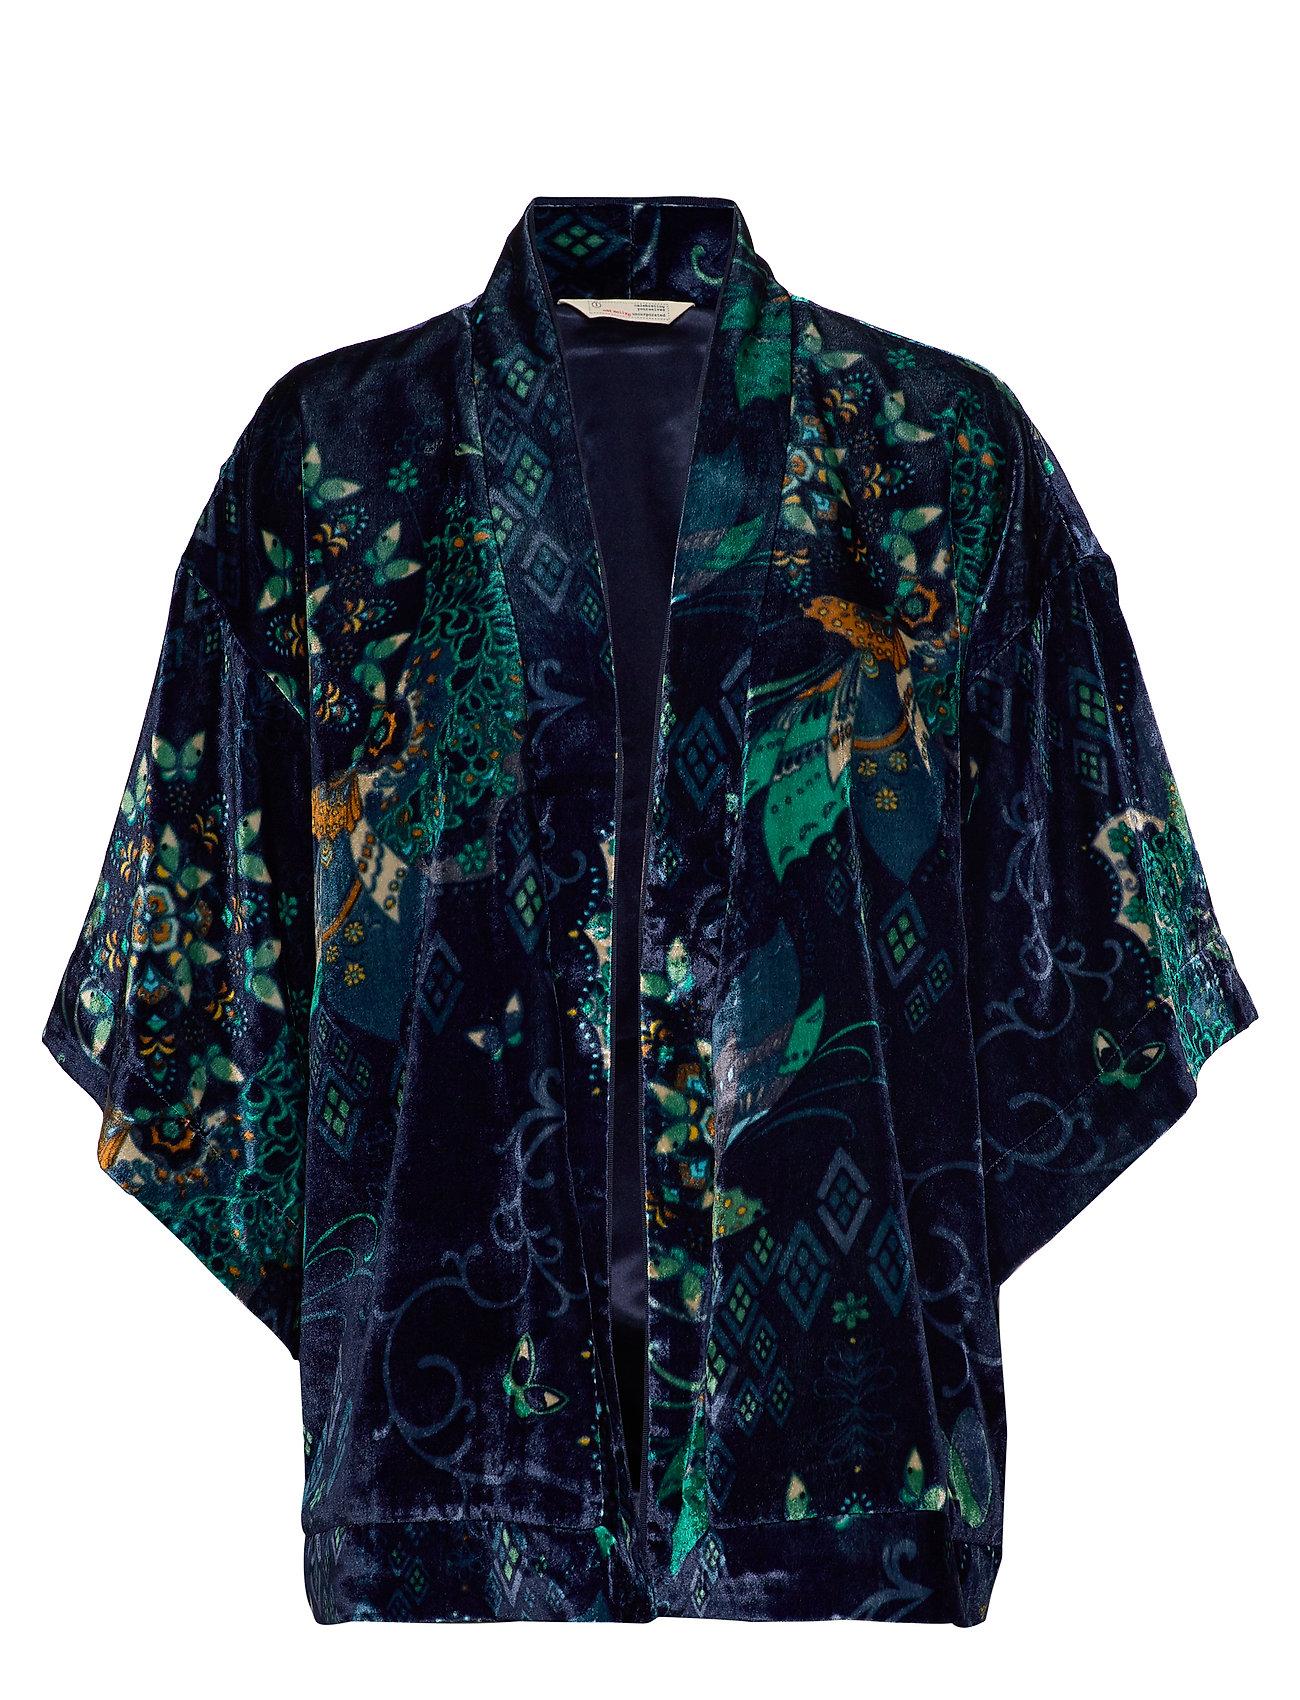 ODD MOLLY Cherry Bomb Kimono - NIGHT SKY BLUE